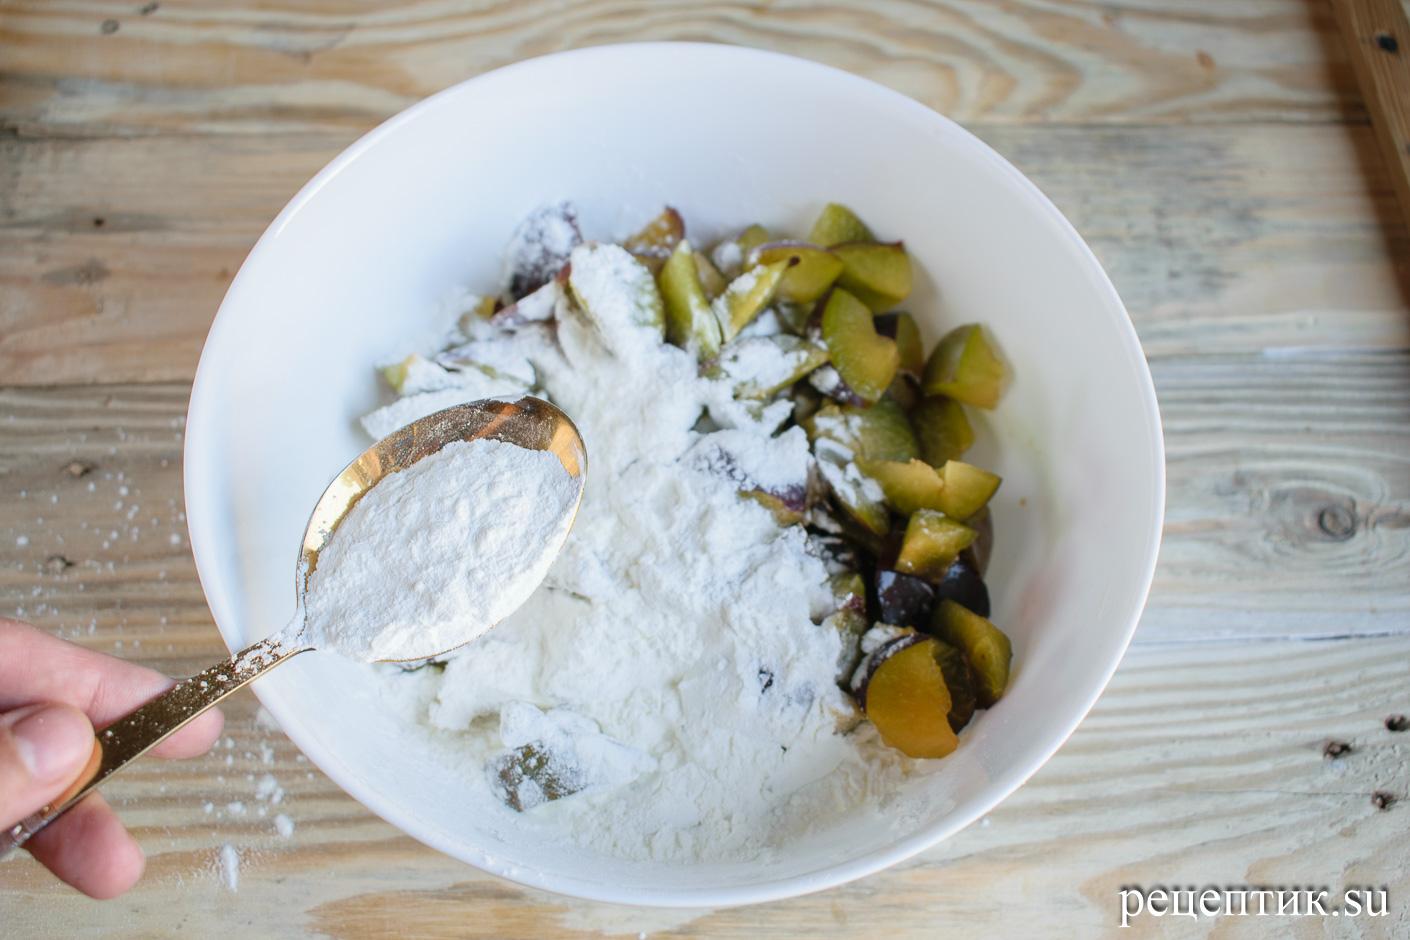 Дрожжевые пирожки со сливами в духовке - рецепт с фото, шаг 8